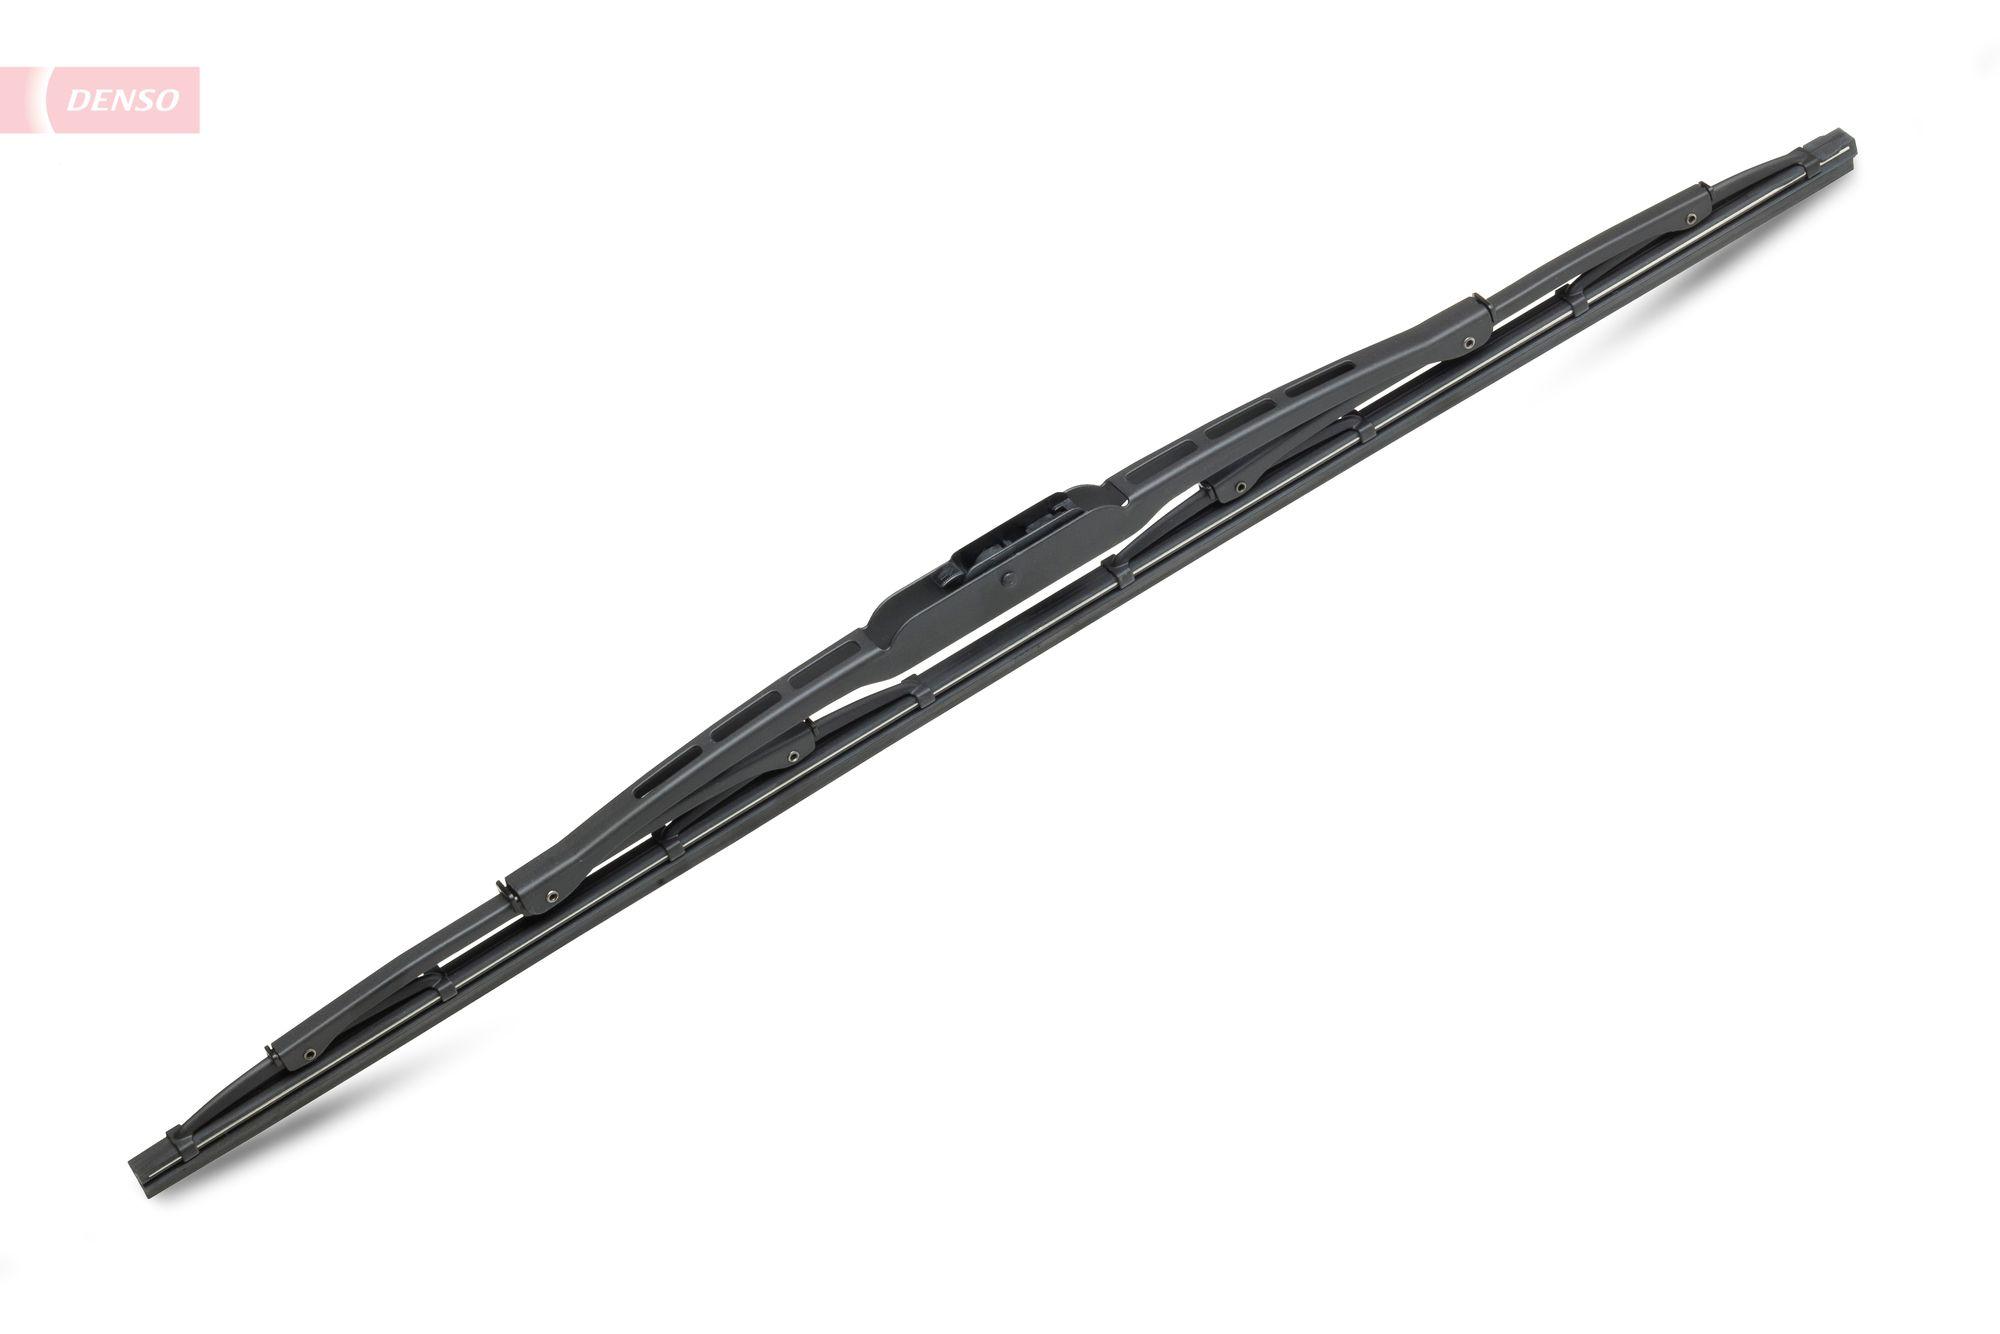 DENSO Standard DM-555 Wischblatt